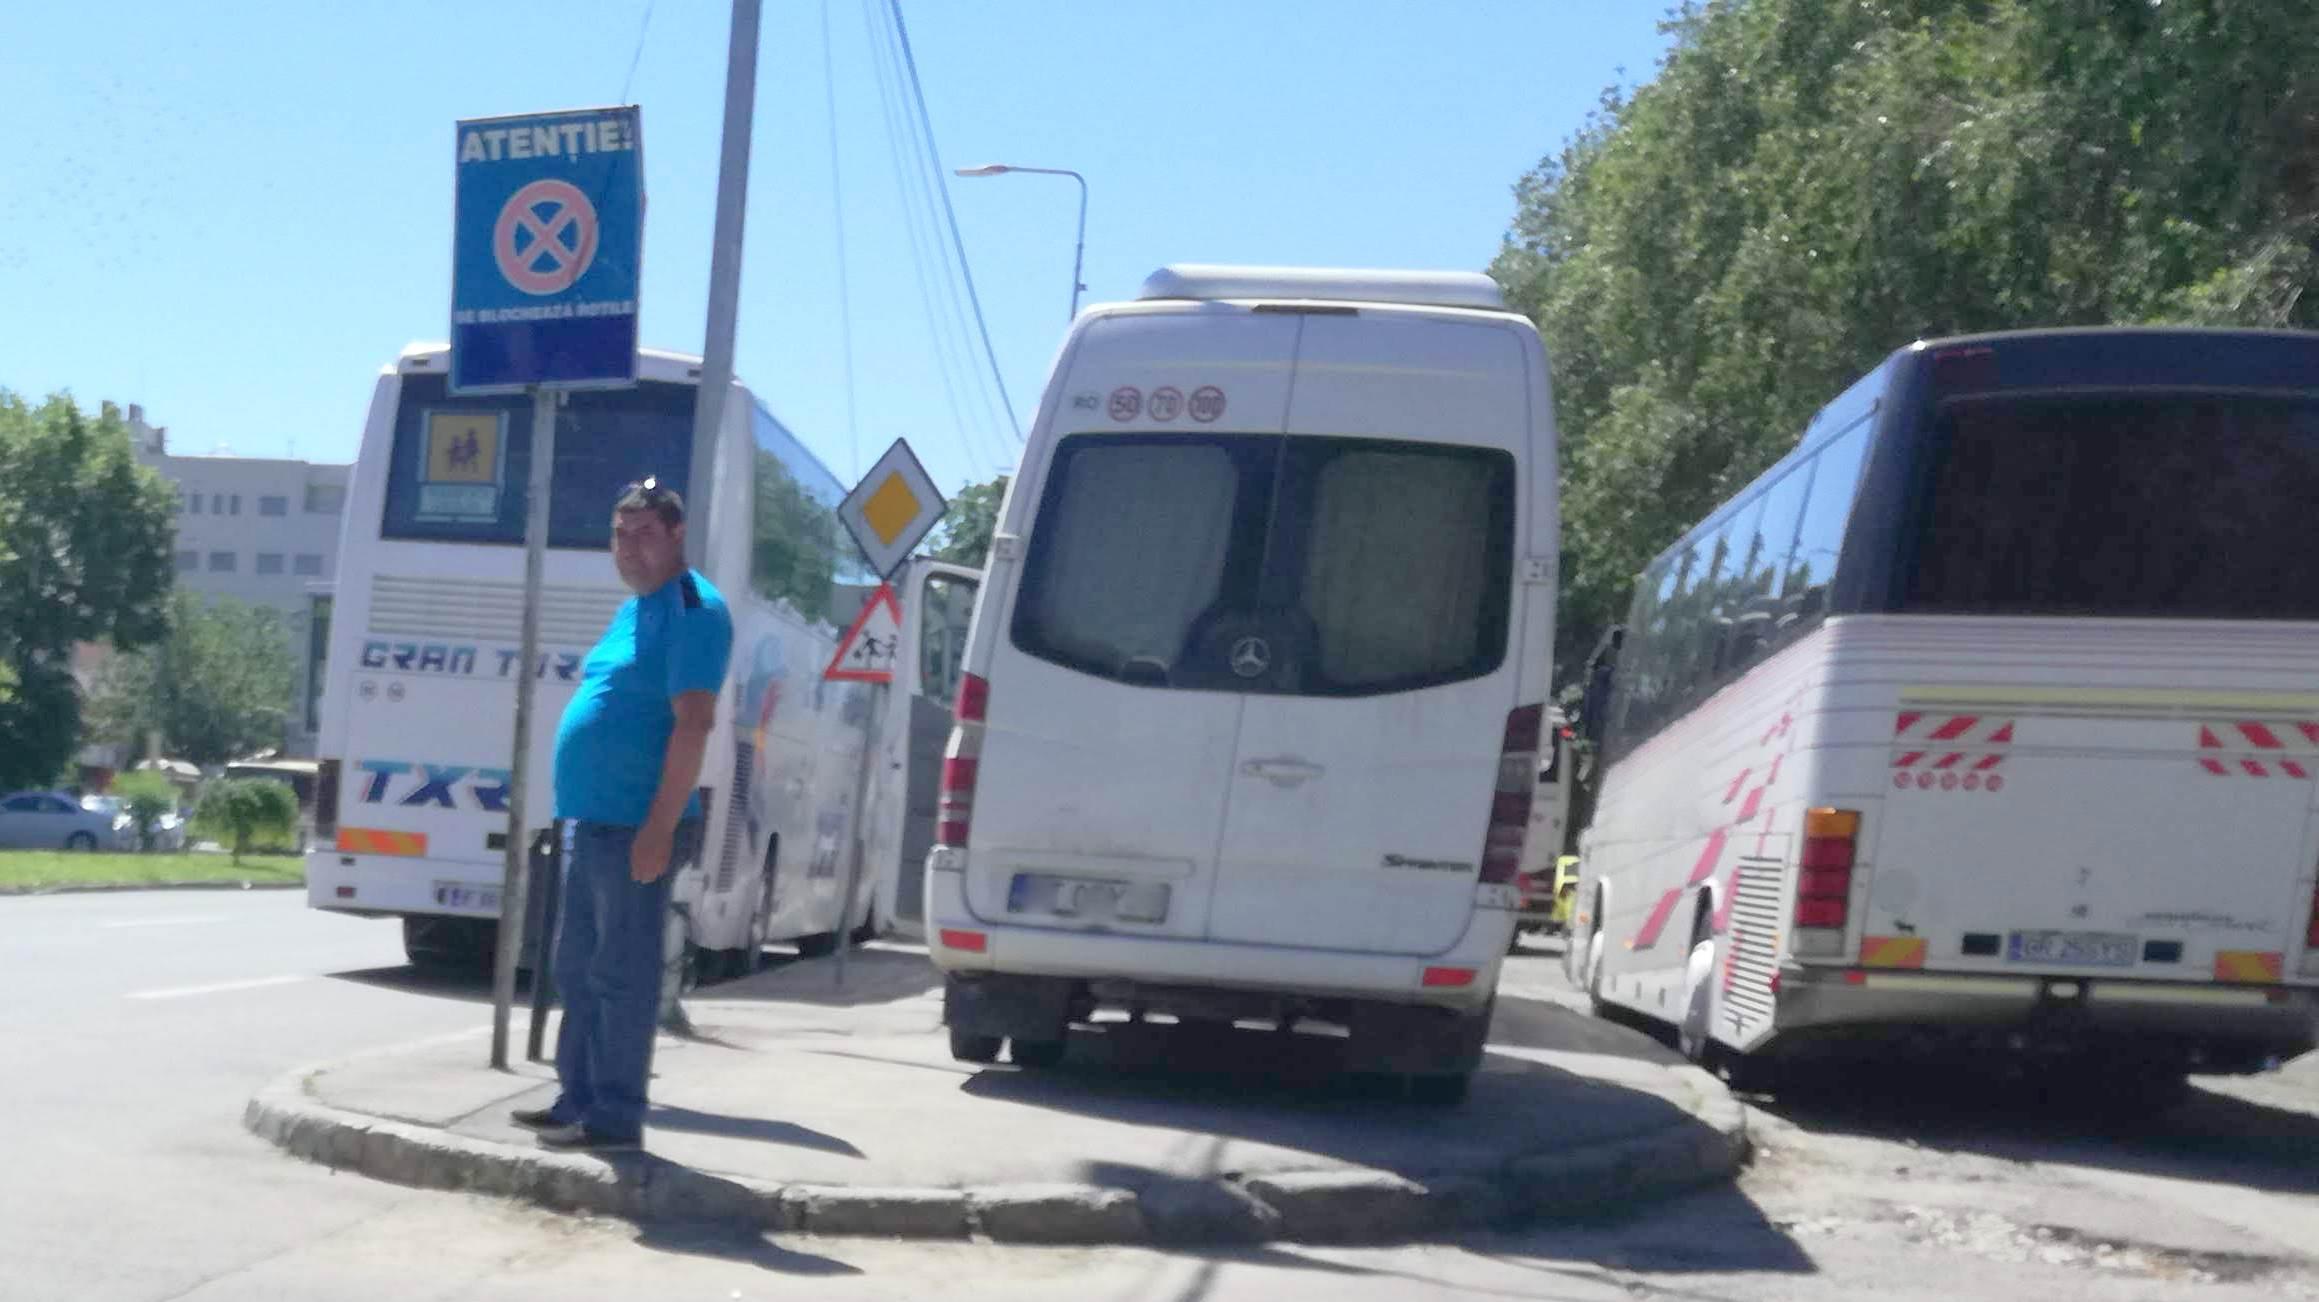 Șoferii de autocare au fost sancționați. FOTO Cătălin SCHIPOR